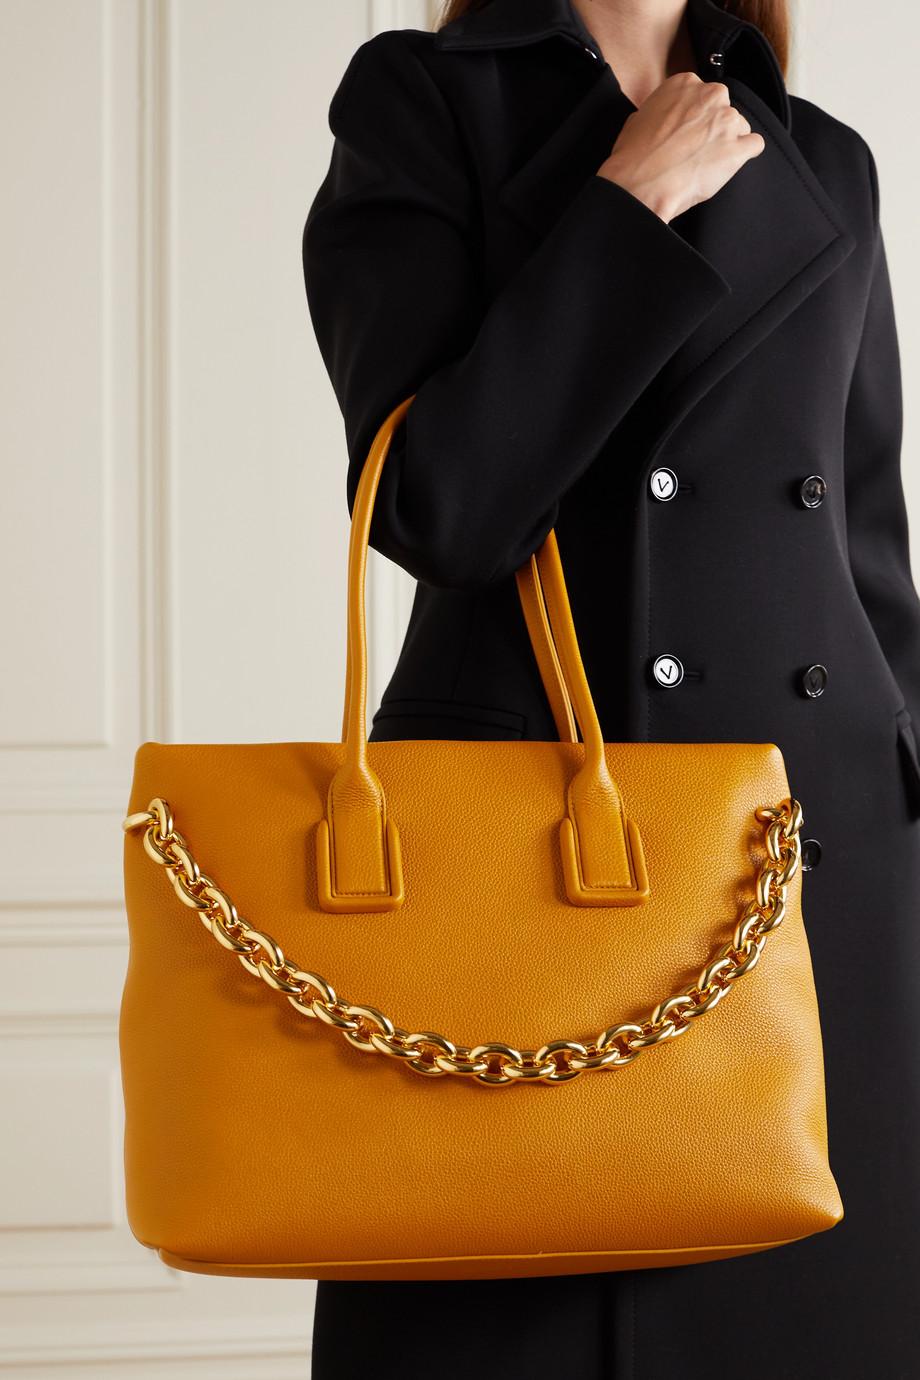 Bottega Veneta Sac à main en cuir texturé à chaîne